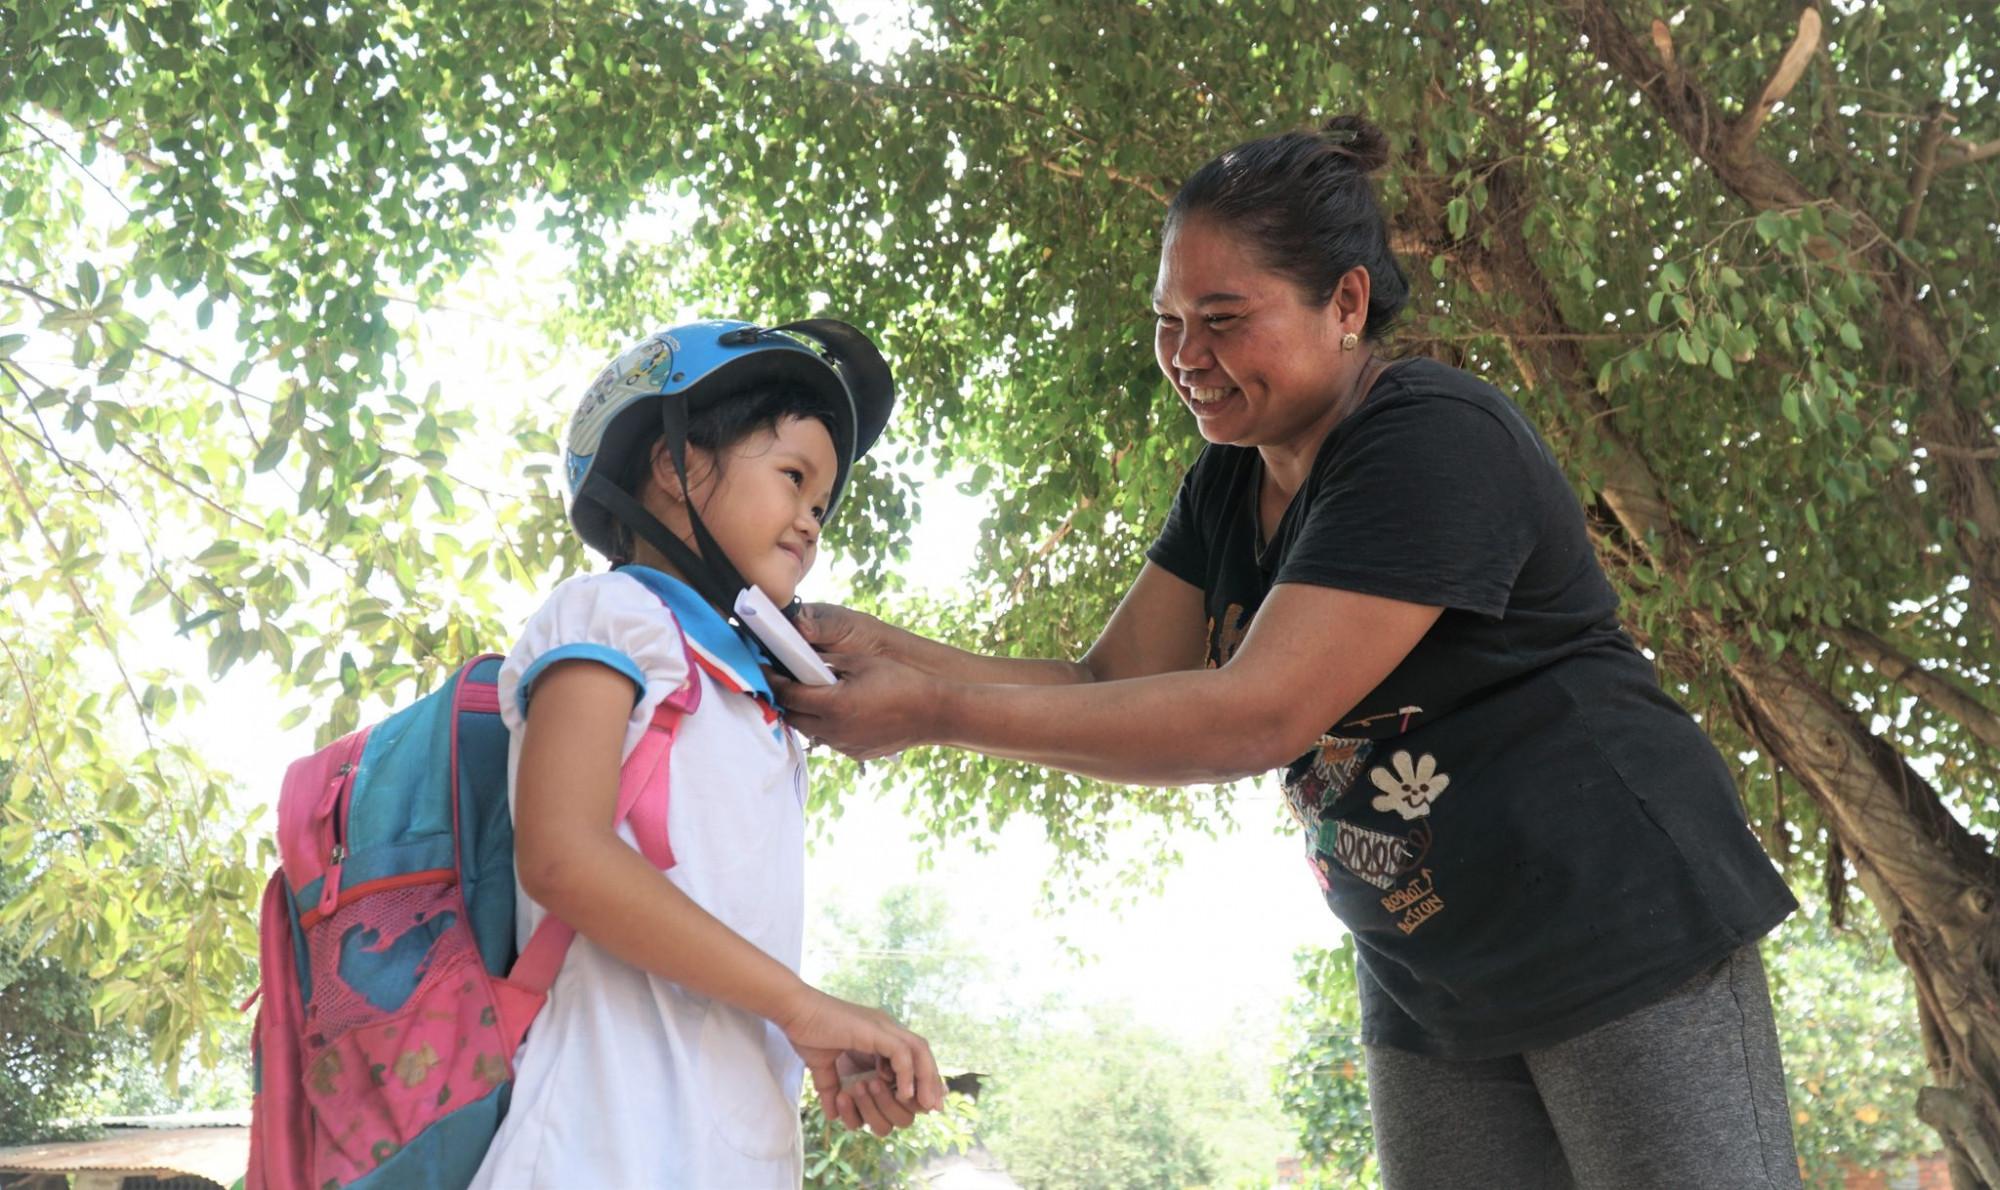 Già làng Keo Onl hướng dẫn trẻ đội mũ bảo hiẻm đúng cách - Ảnh: Hồng Thắm